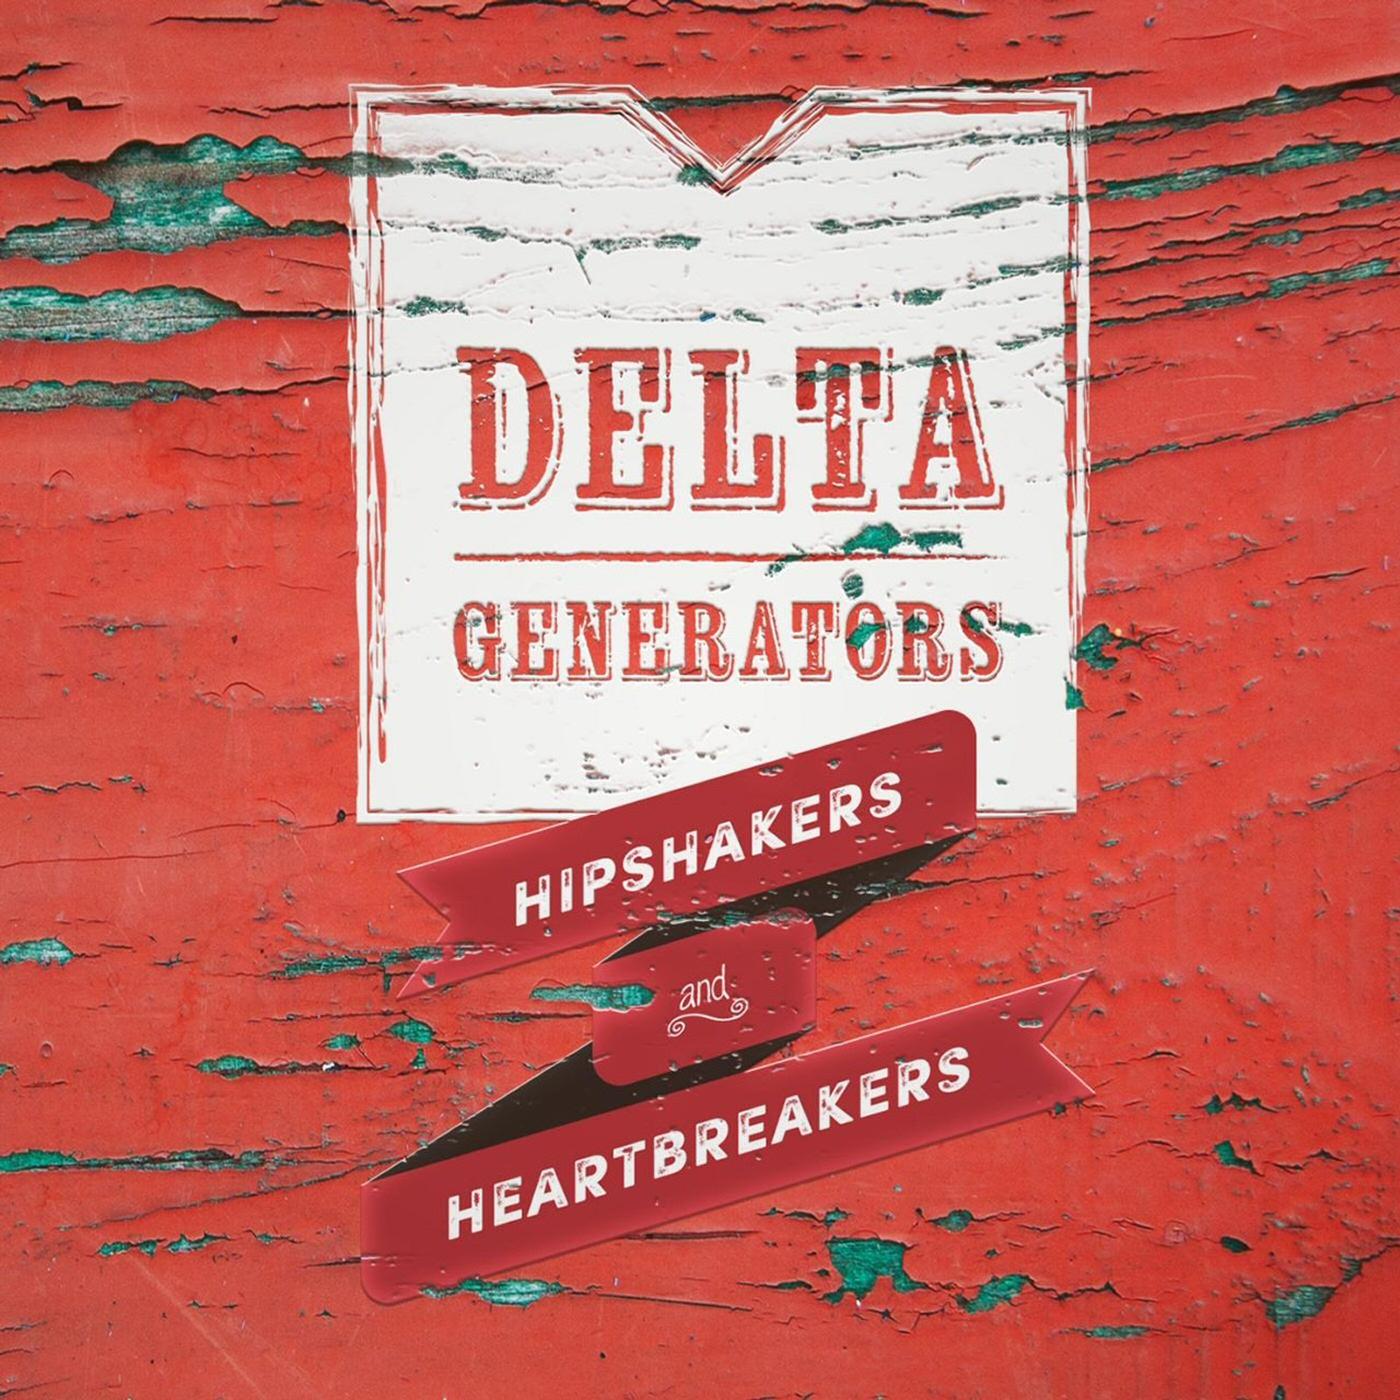 DELTA GENERATORS – Day that i metyou